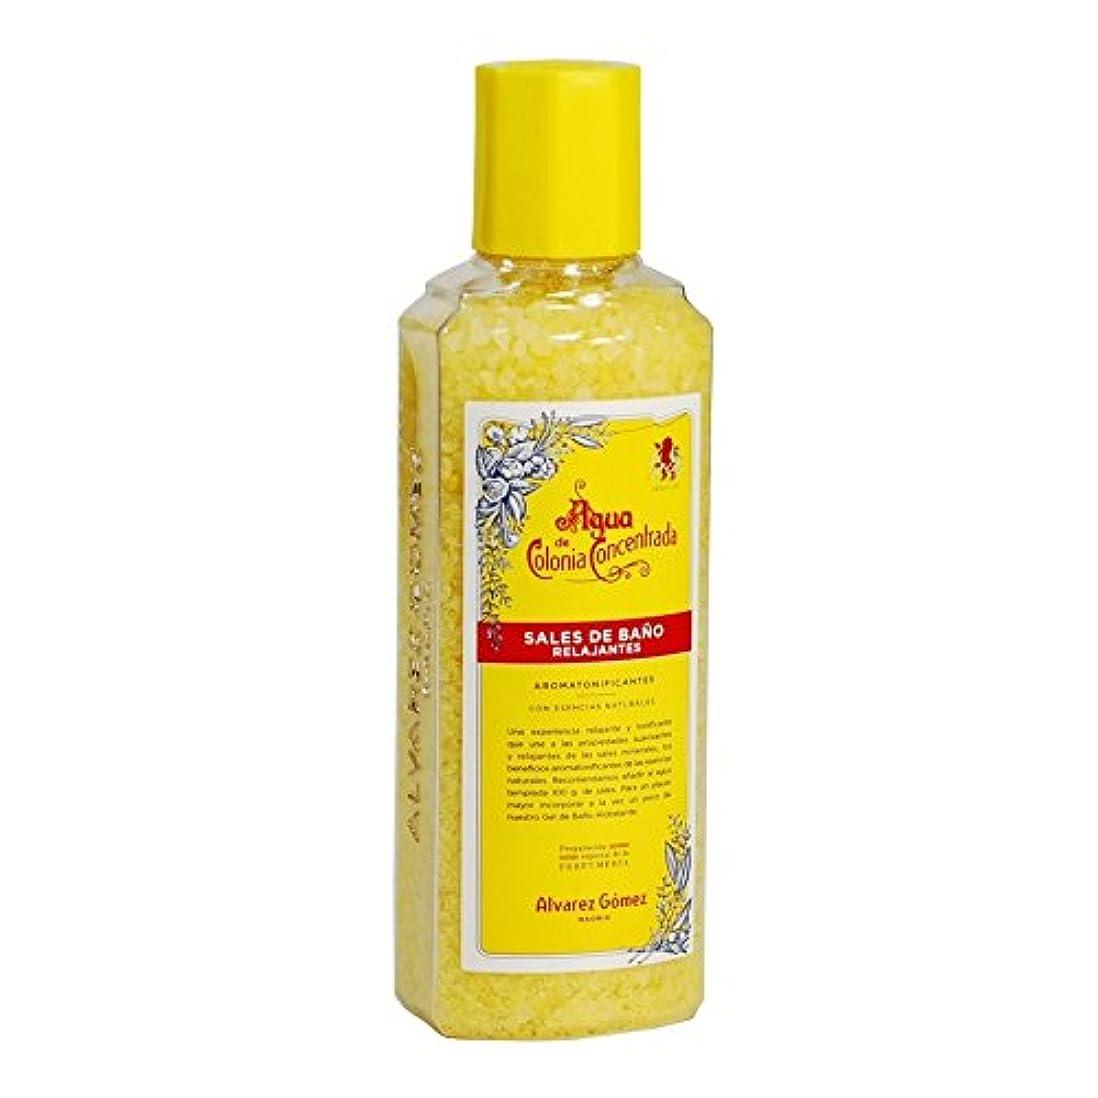 楽観最悪やさしい?lvarez G?mez Agua de Colonia Concentrada Bath Salts 300g (Pack of 6) - アルバレス?ゴメスアグア?デ?コロニア入浴剤300グラム x6 [並行輸入品]